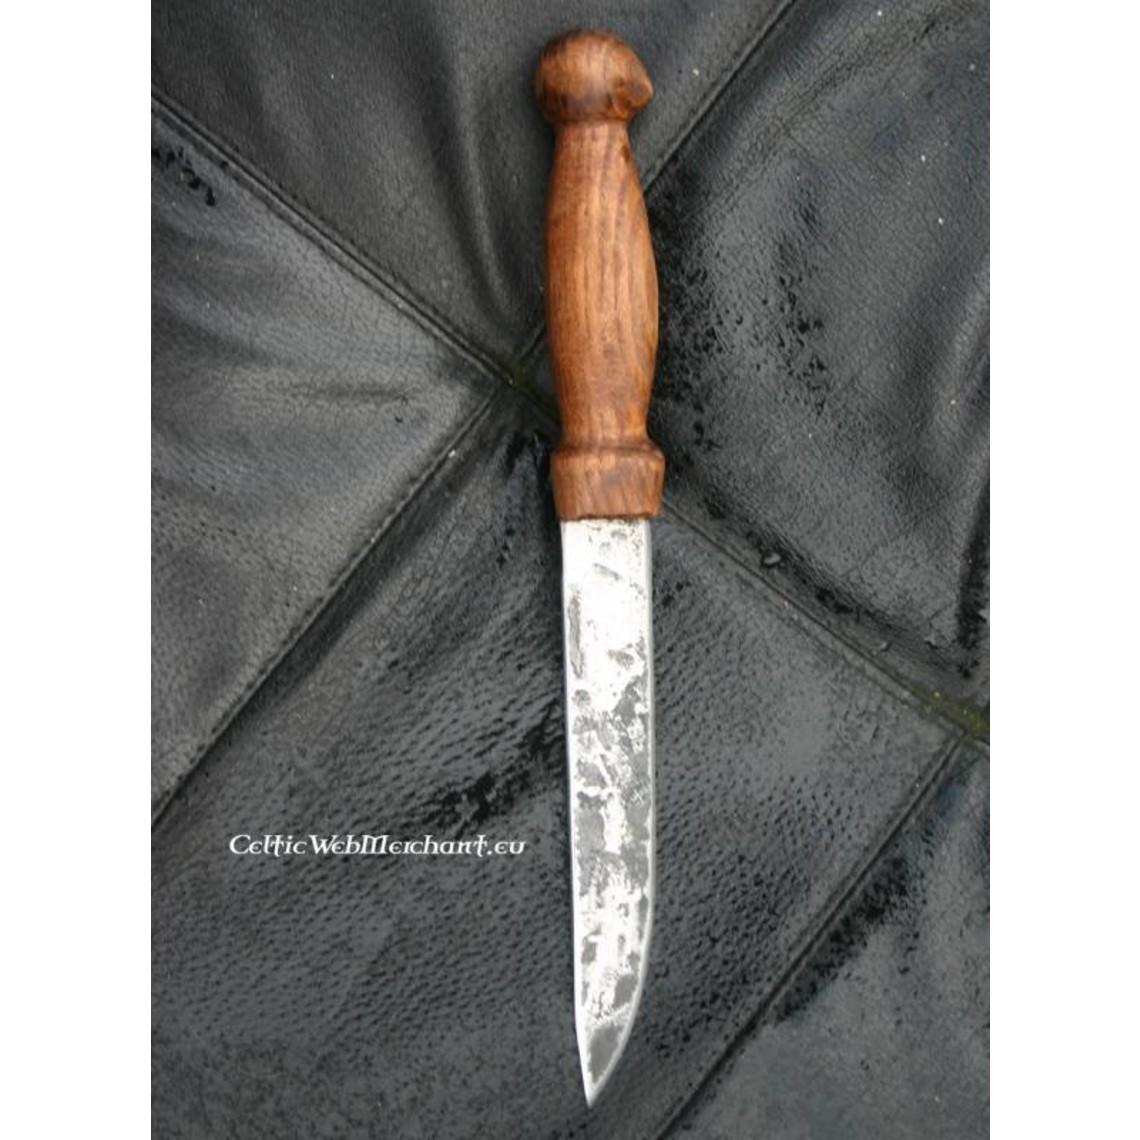 Handgesmeed Vikingmes